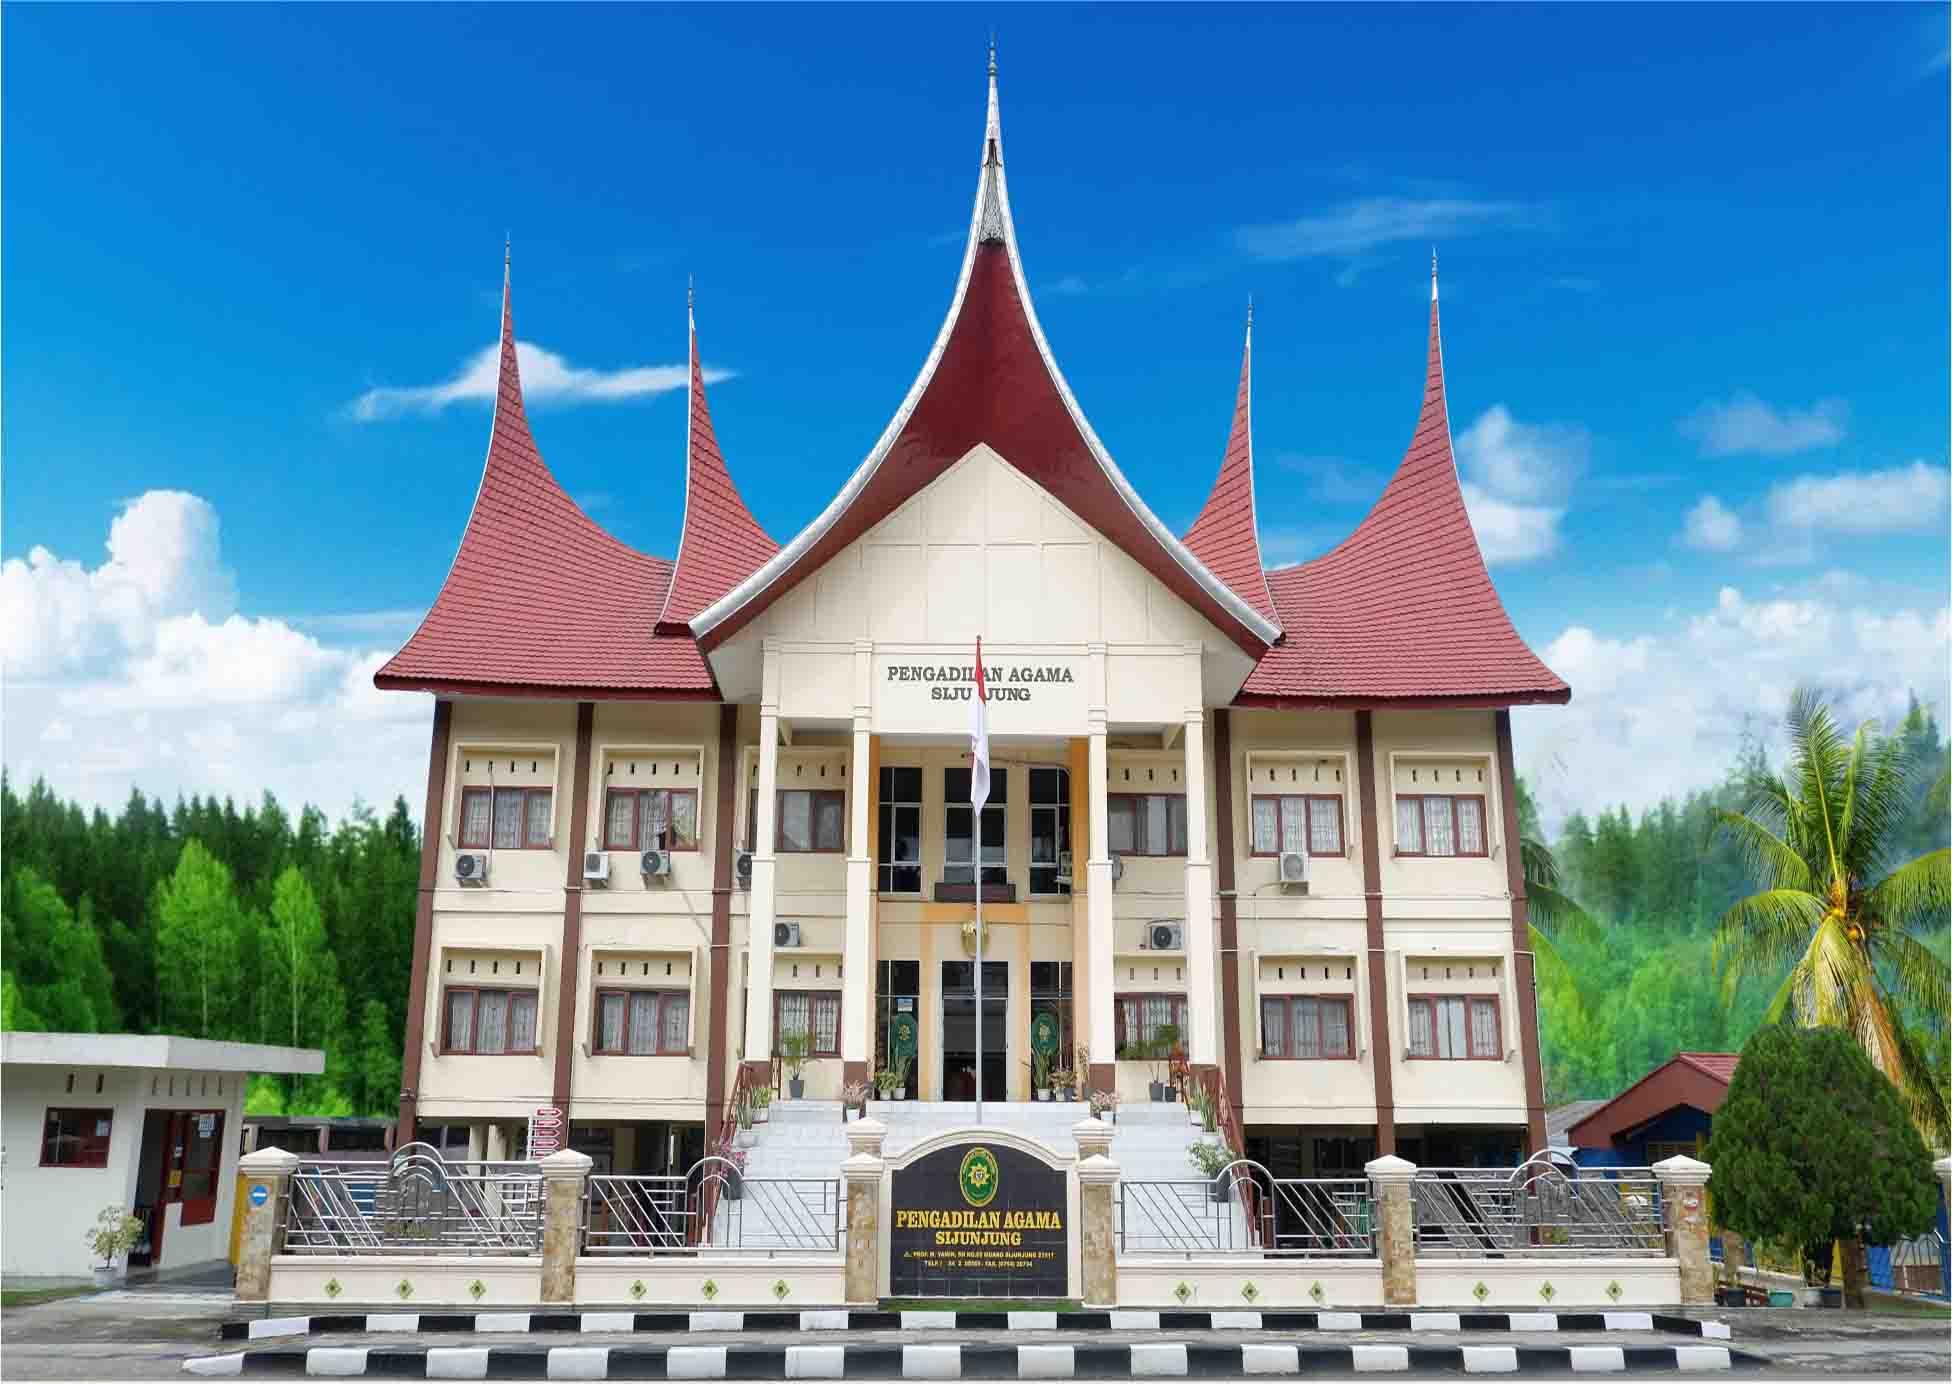 Pengadilan Agama Sijunjung